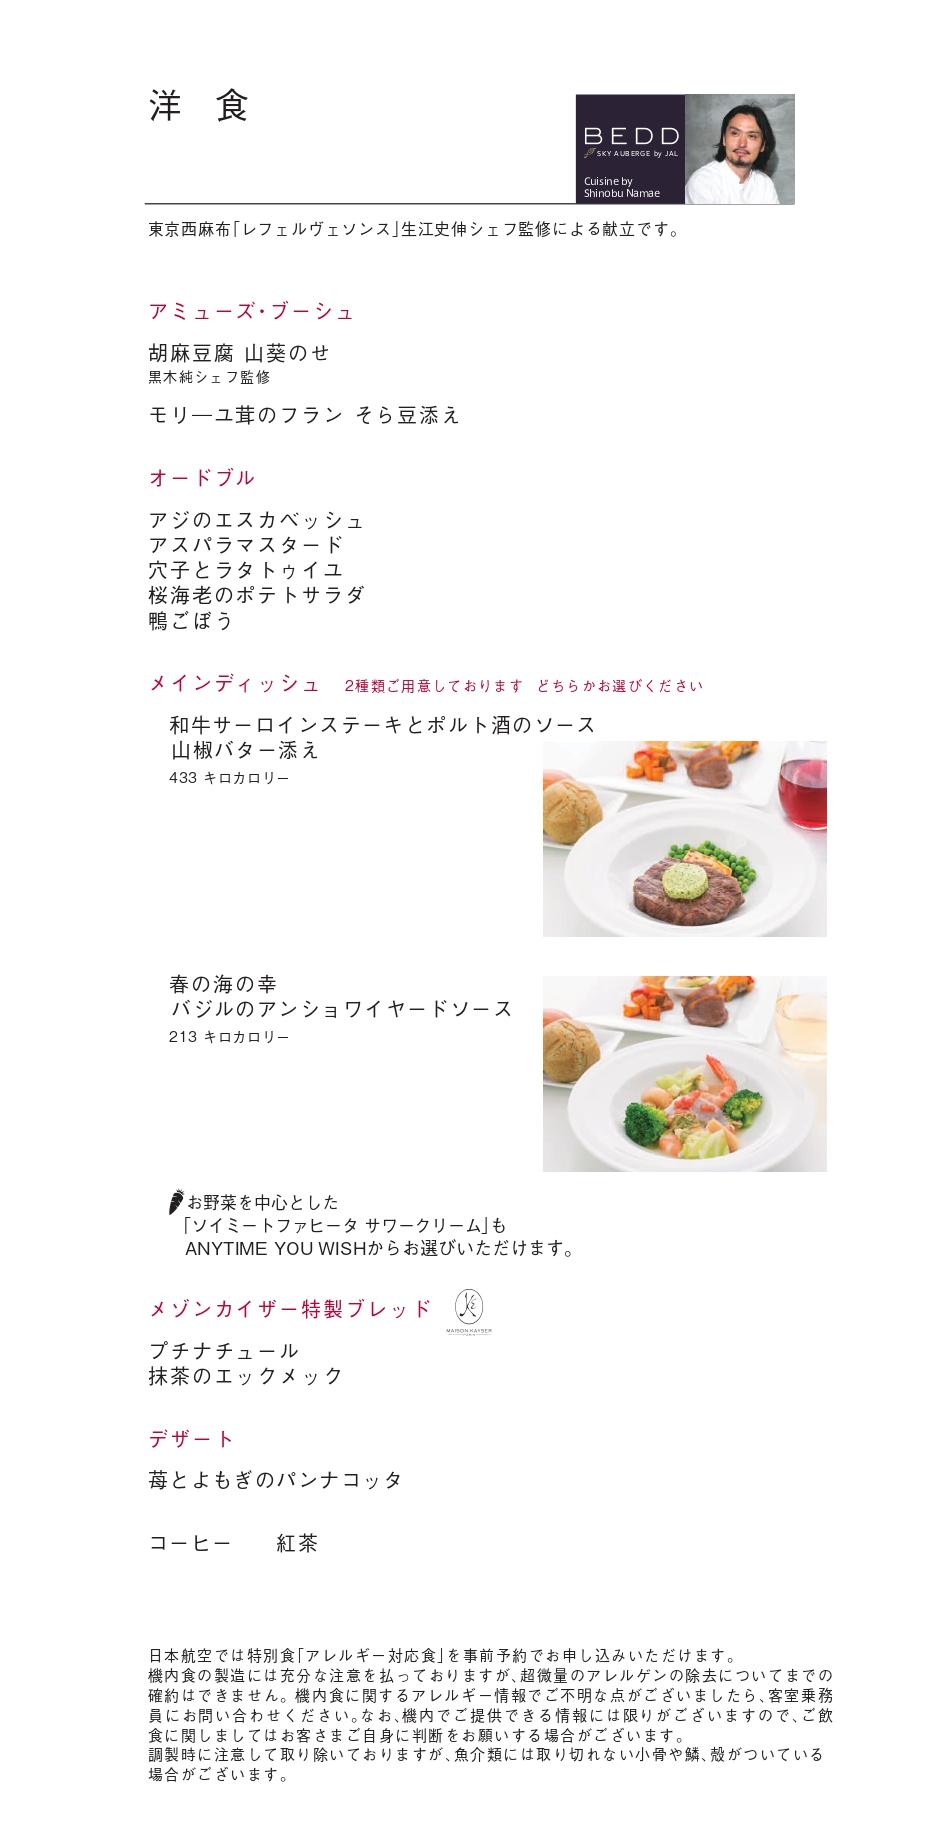 JL068 07MAY19 機内食 ビジネスクラス